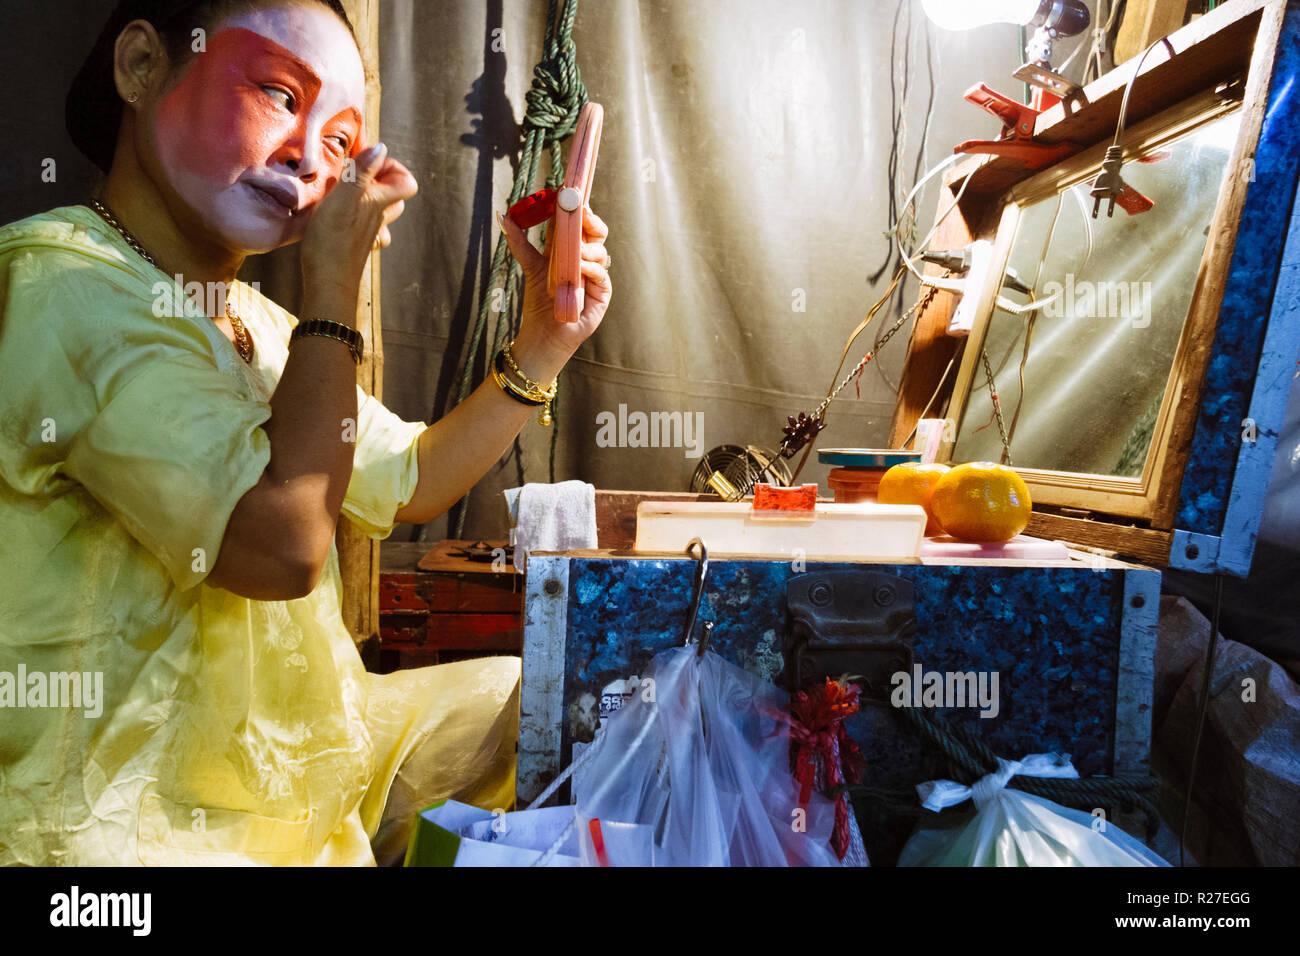 Bangkok, Thailand: Ambulante Chinesische Oper Schauspielerin, die auf der Bühne während einer Tour in Thailand. Stockfoto